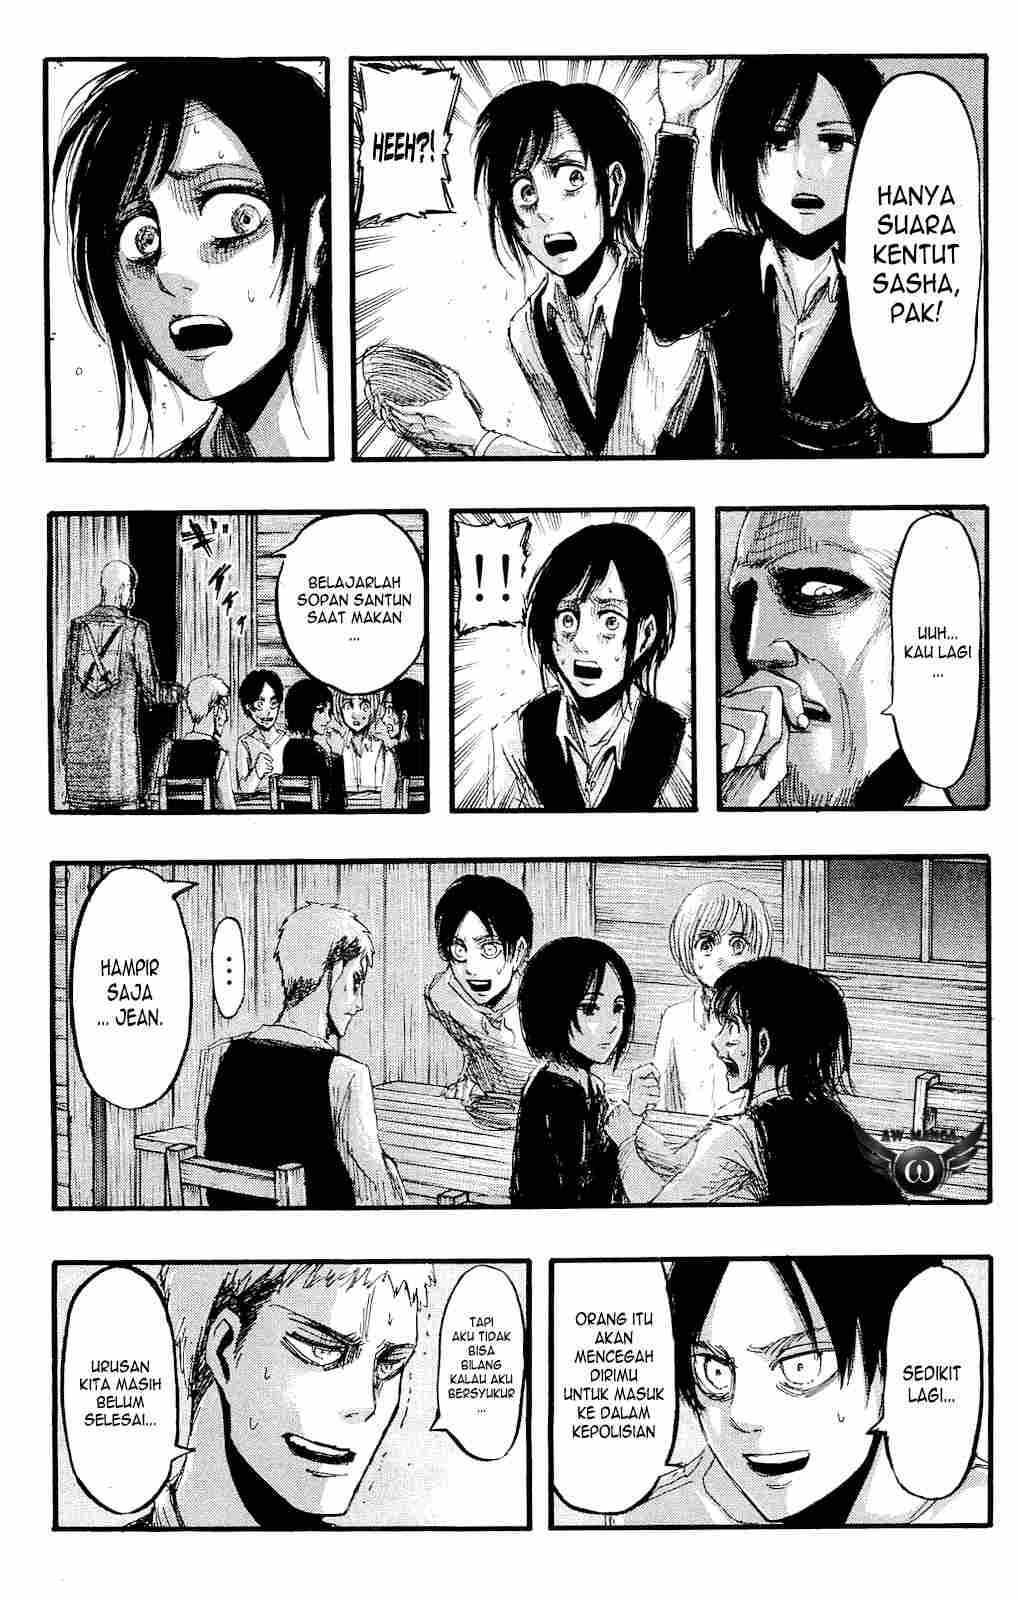 Komik shingeki no kyojin 017 - ilusi dari kekuatan 18 Indonesia shingeki no kyojin 017 - ilusi dari kekuatan Terbaru 31|Baca Manga Komik Indonesia|